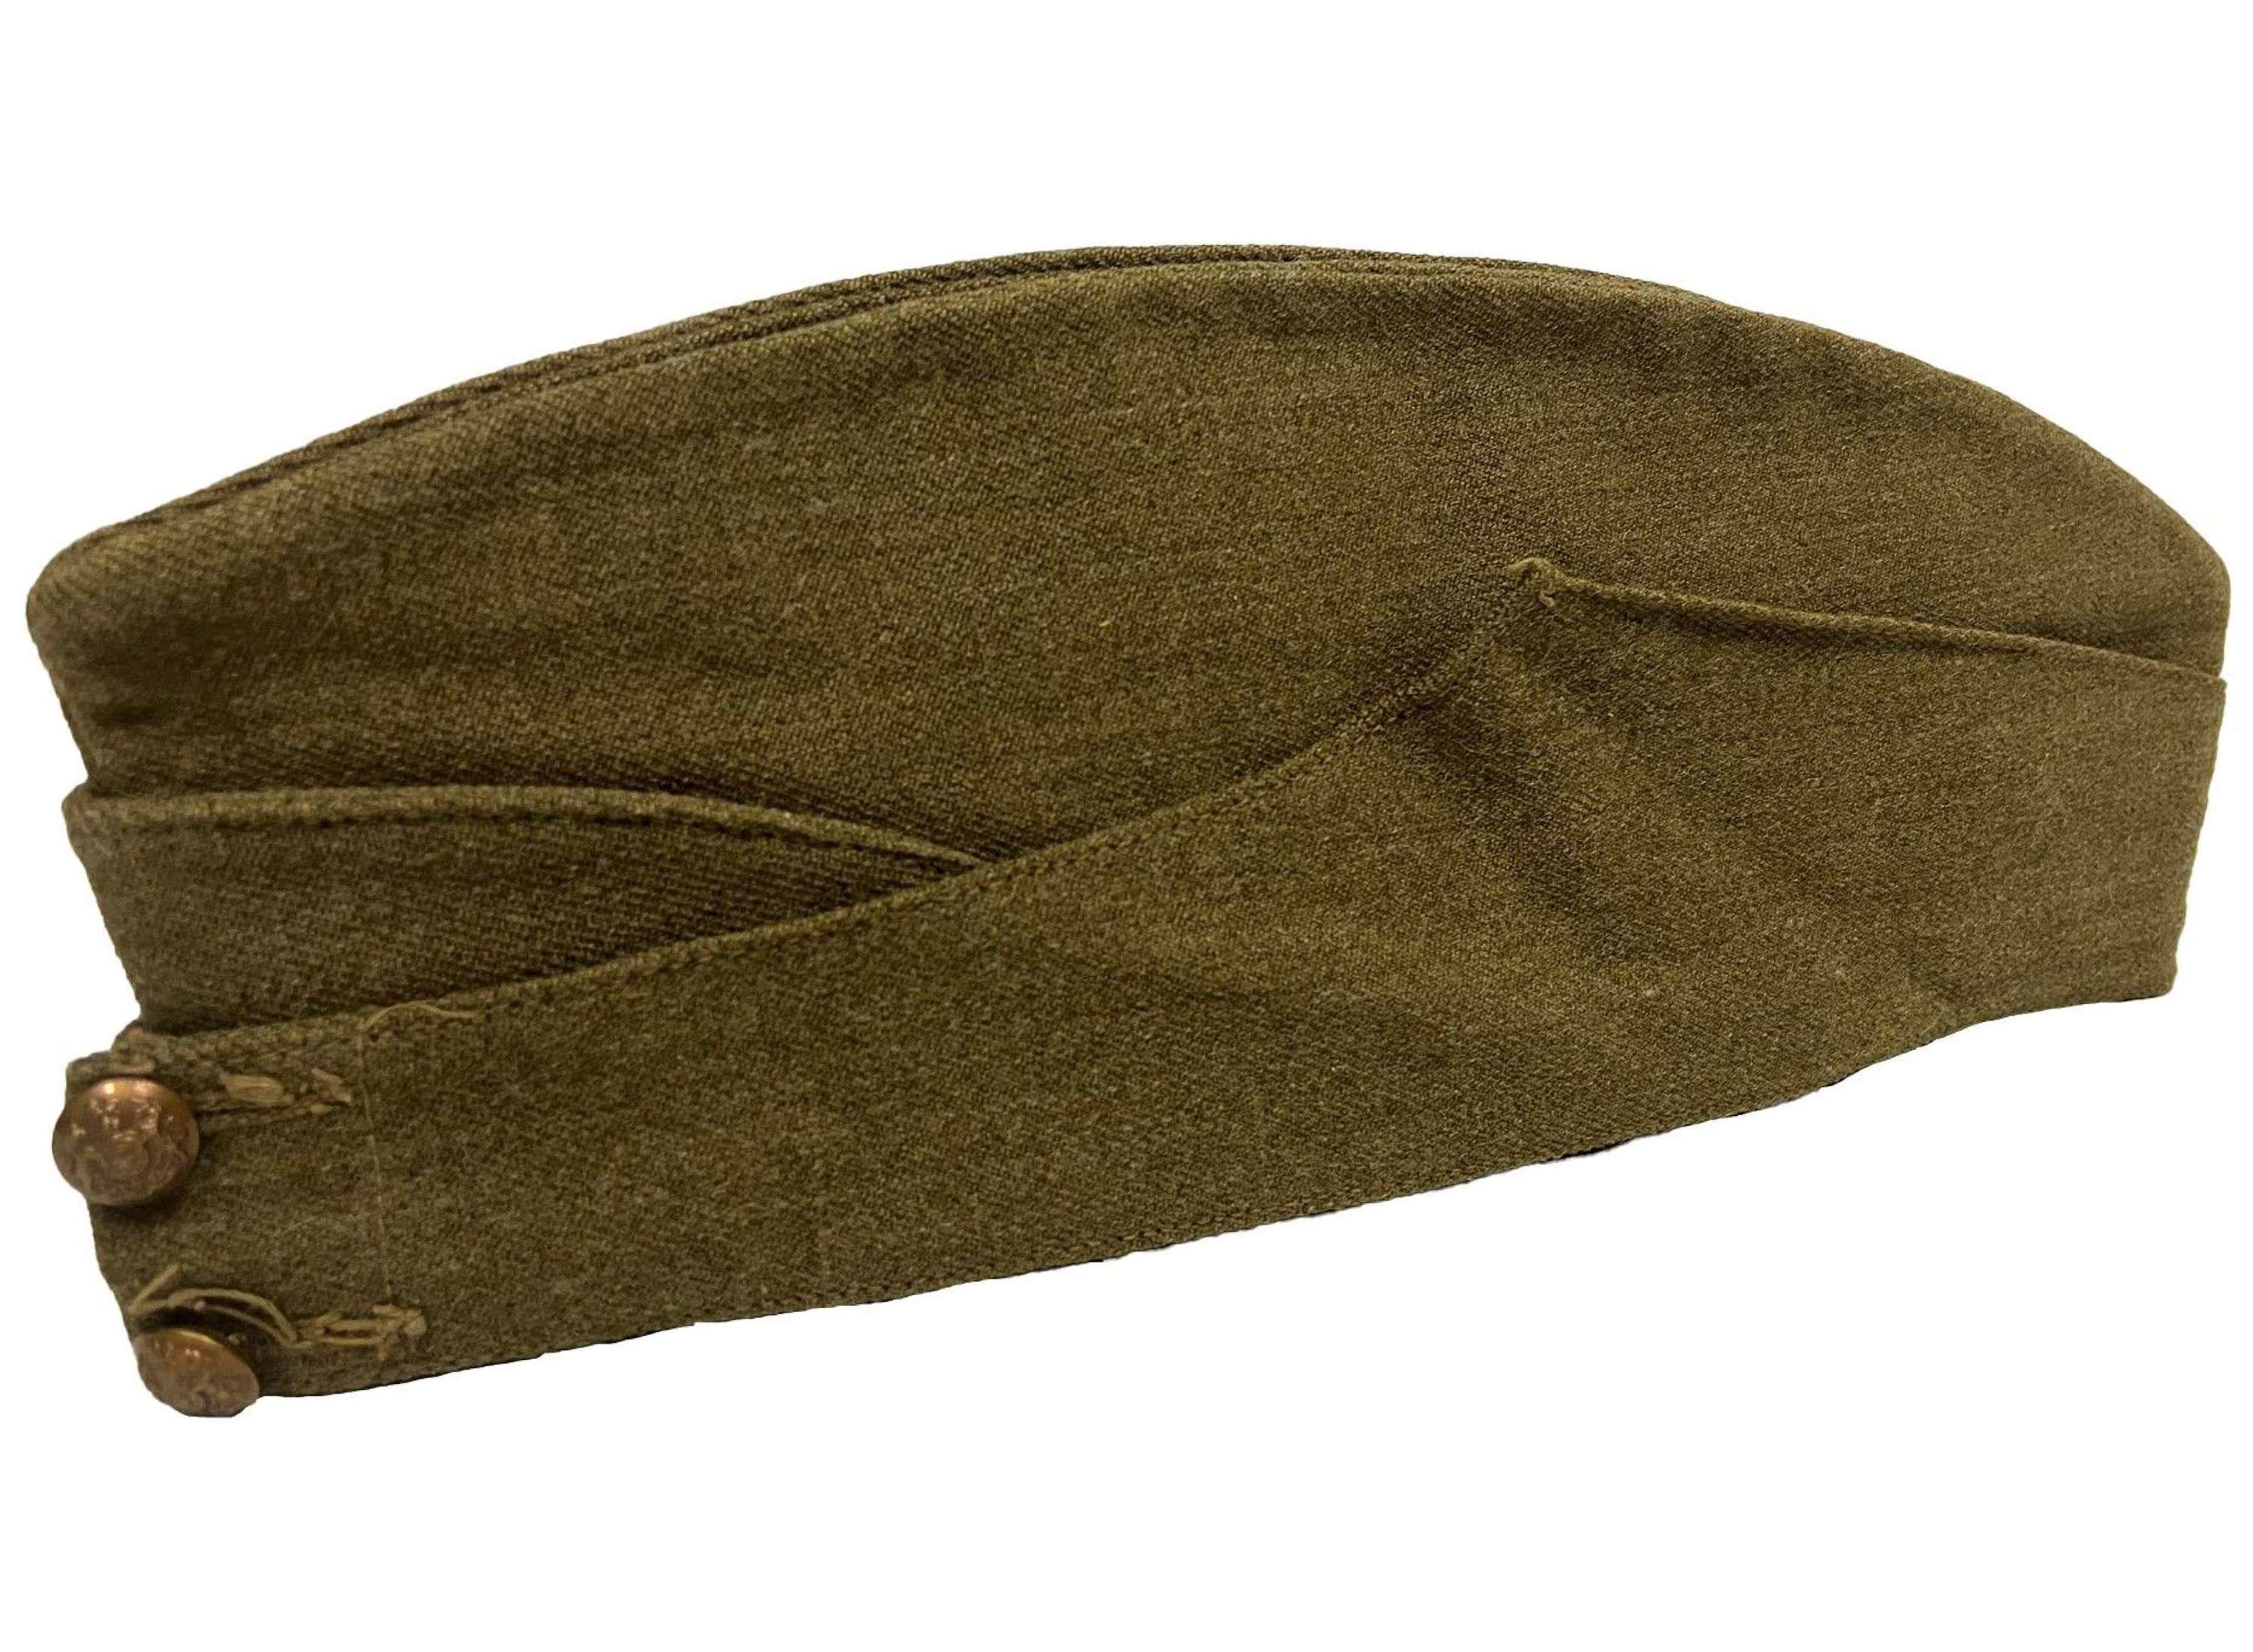 Original 1941 Dated British Army Field Service Cap